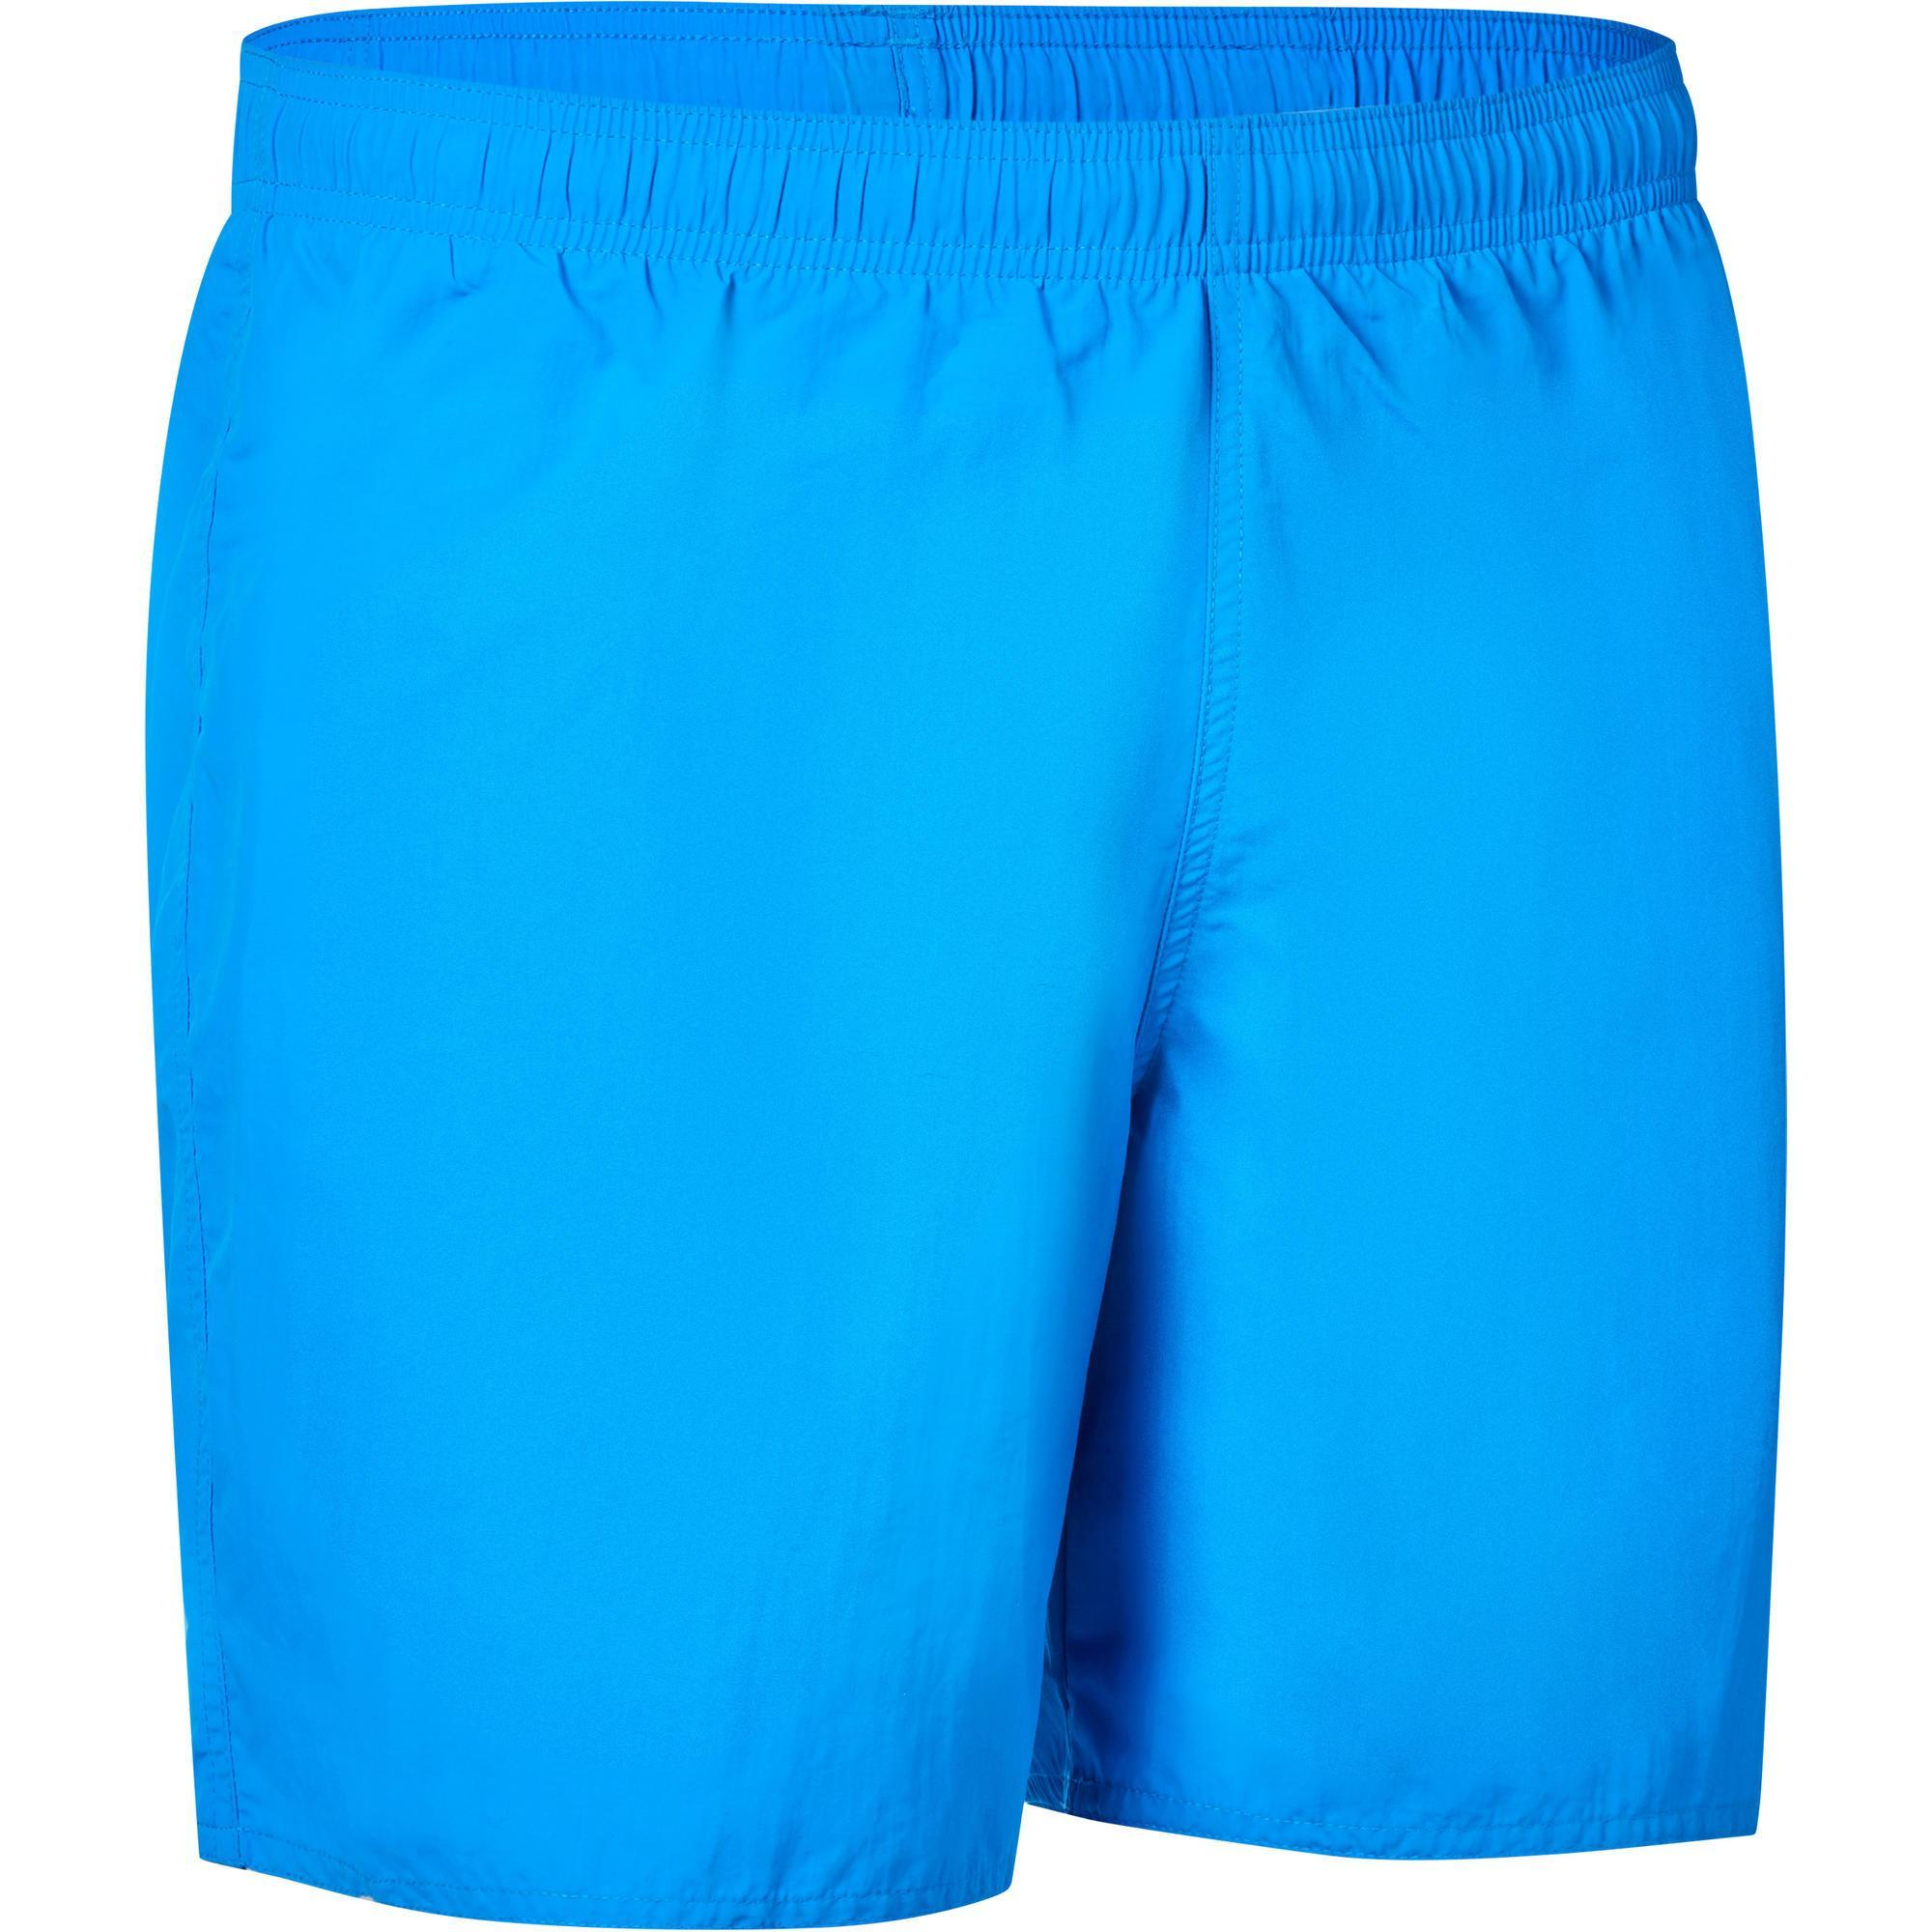 Schwimmshorts 100 Basic Herren blau | Sportbekleidung > Sporthosen > Sportshorts | Nabaiji